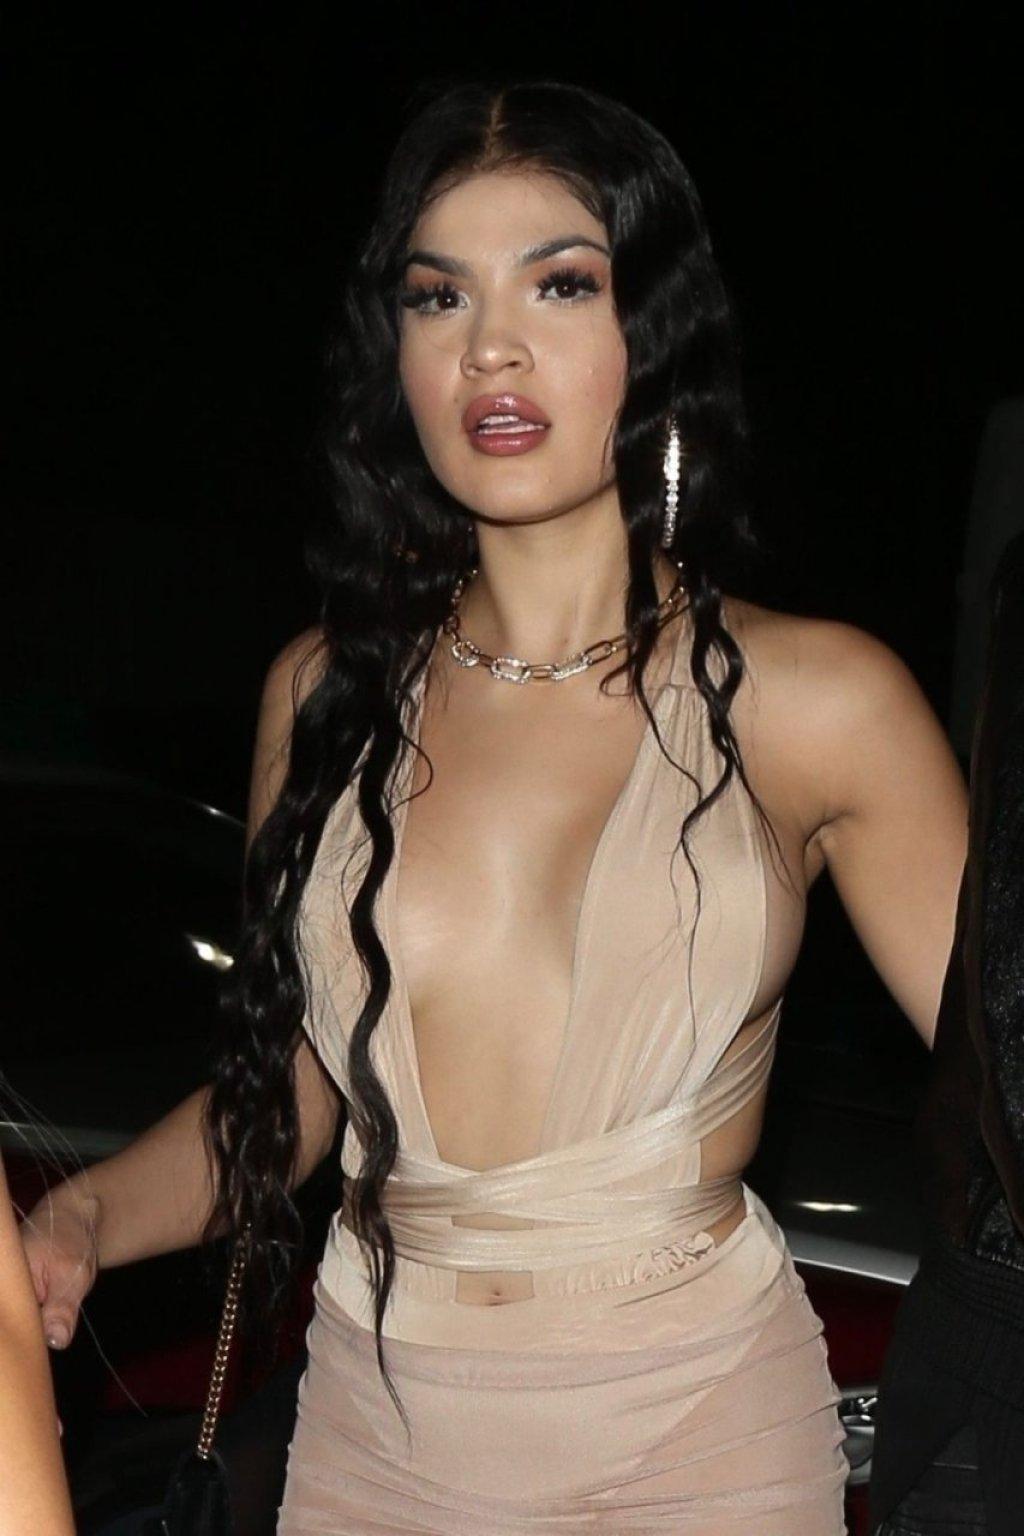 Alexia Duarte Sexy (9 Photos)